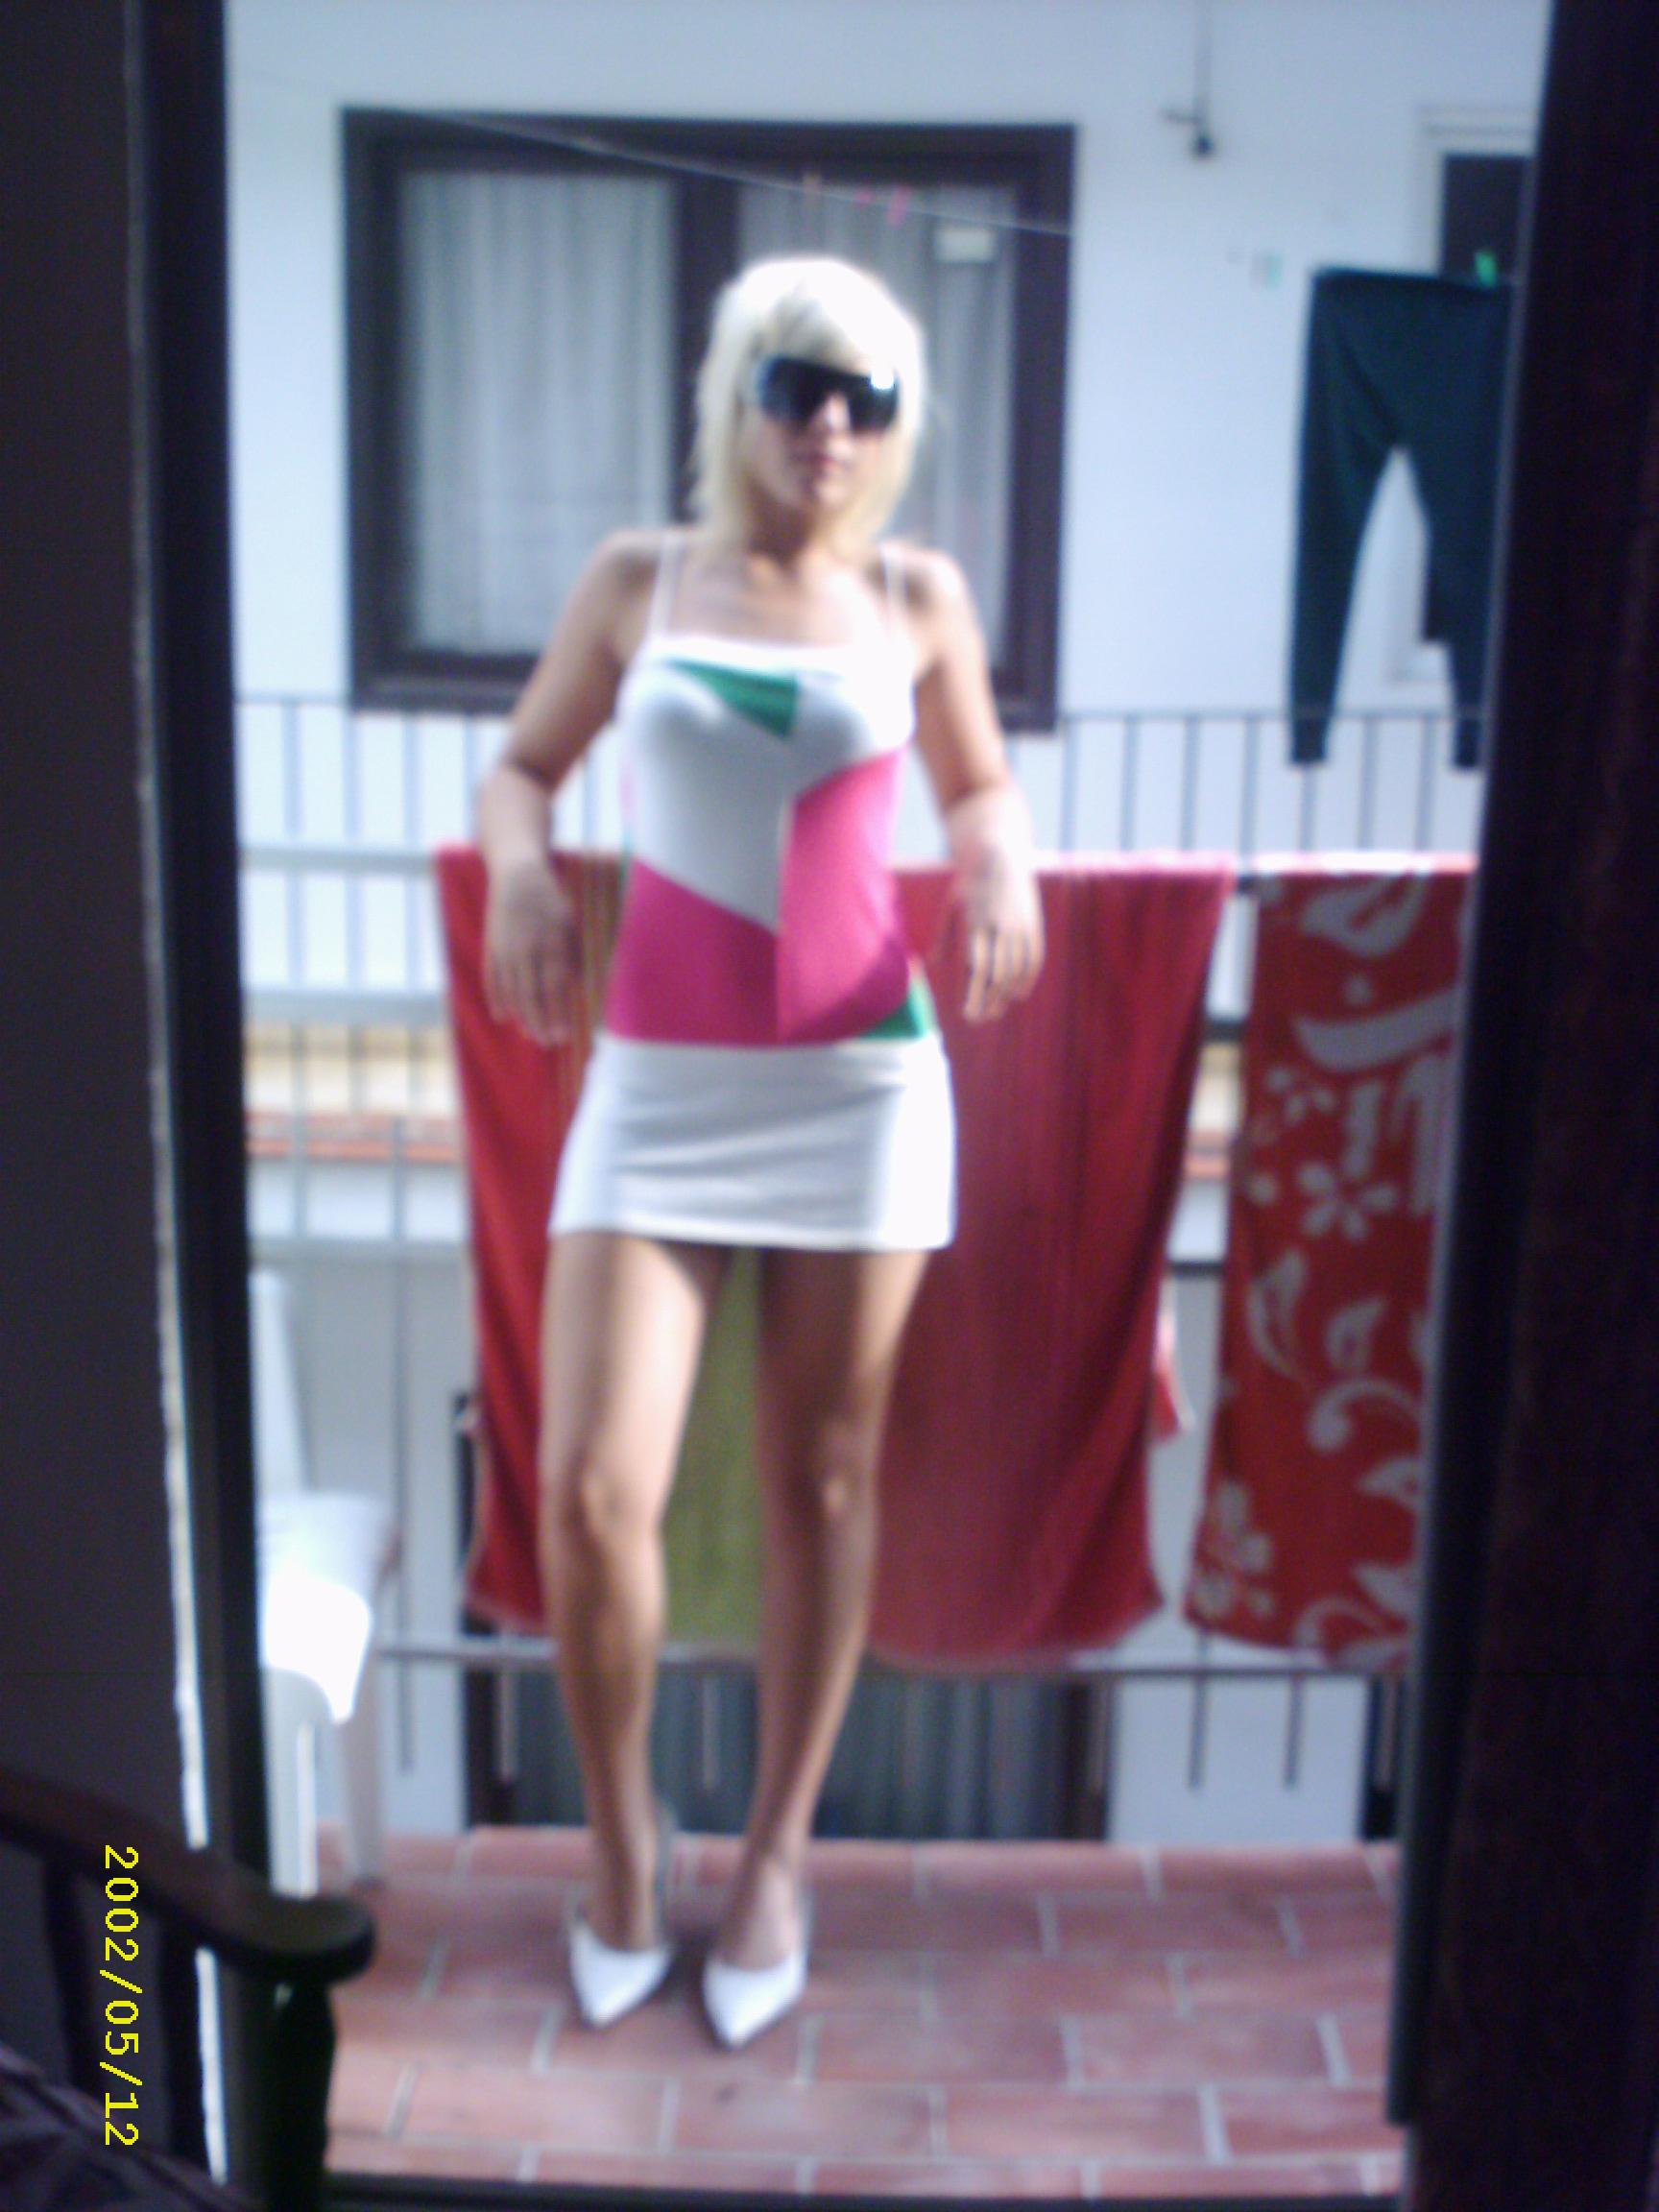 05255_369b4_fotos_en_ibiza_2005_045_122_1071lo.jpg